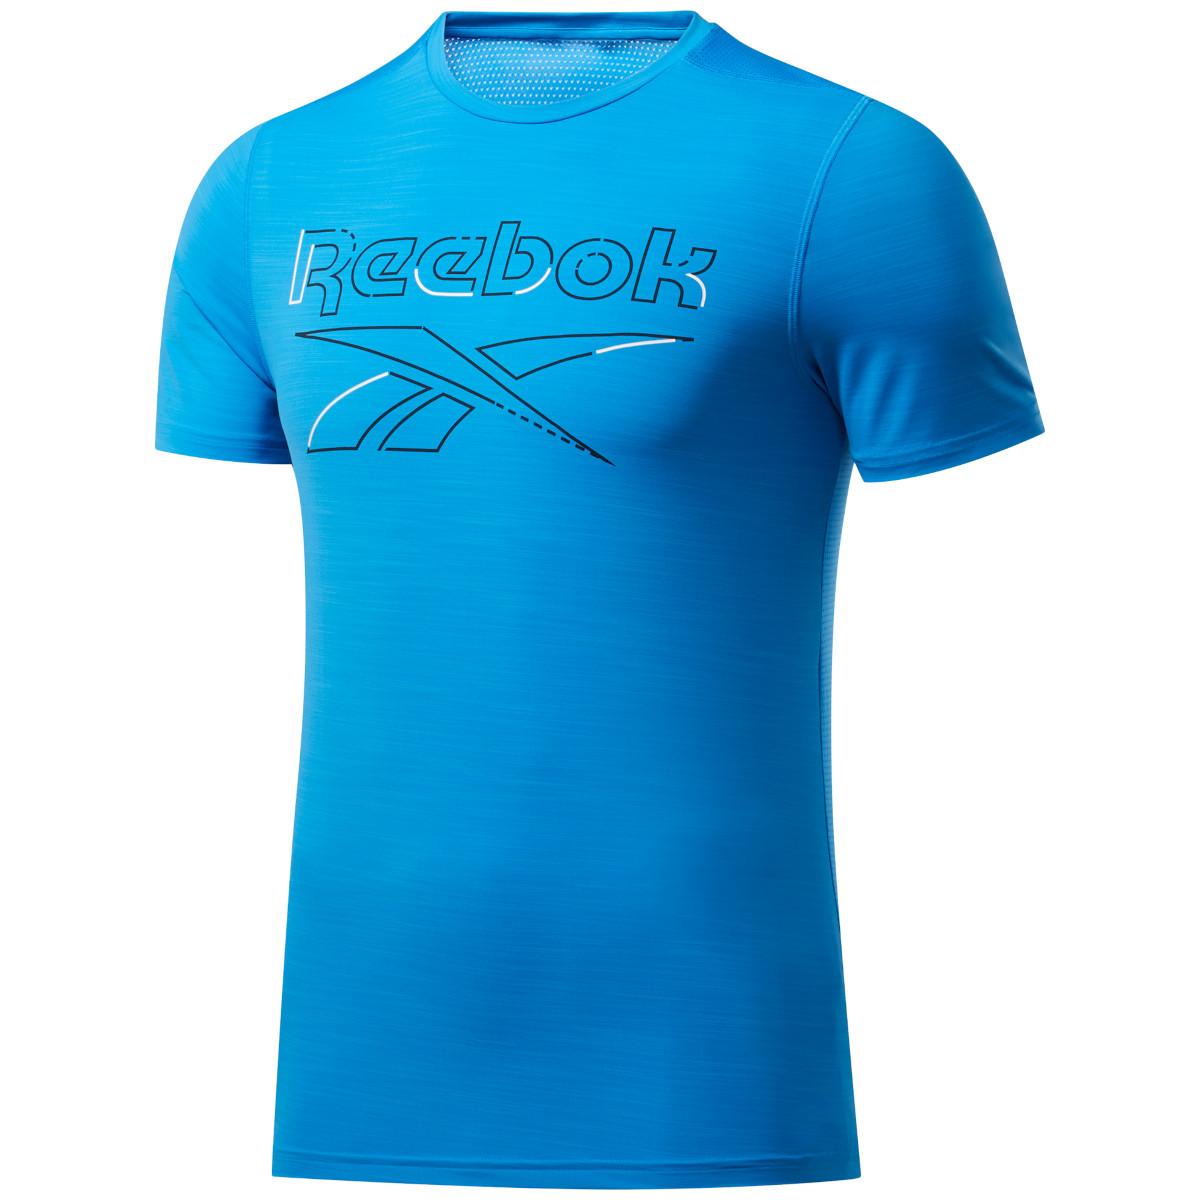 Reebok Männer Workout Ready Activchill T-Shirt - horizon blue FU3284